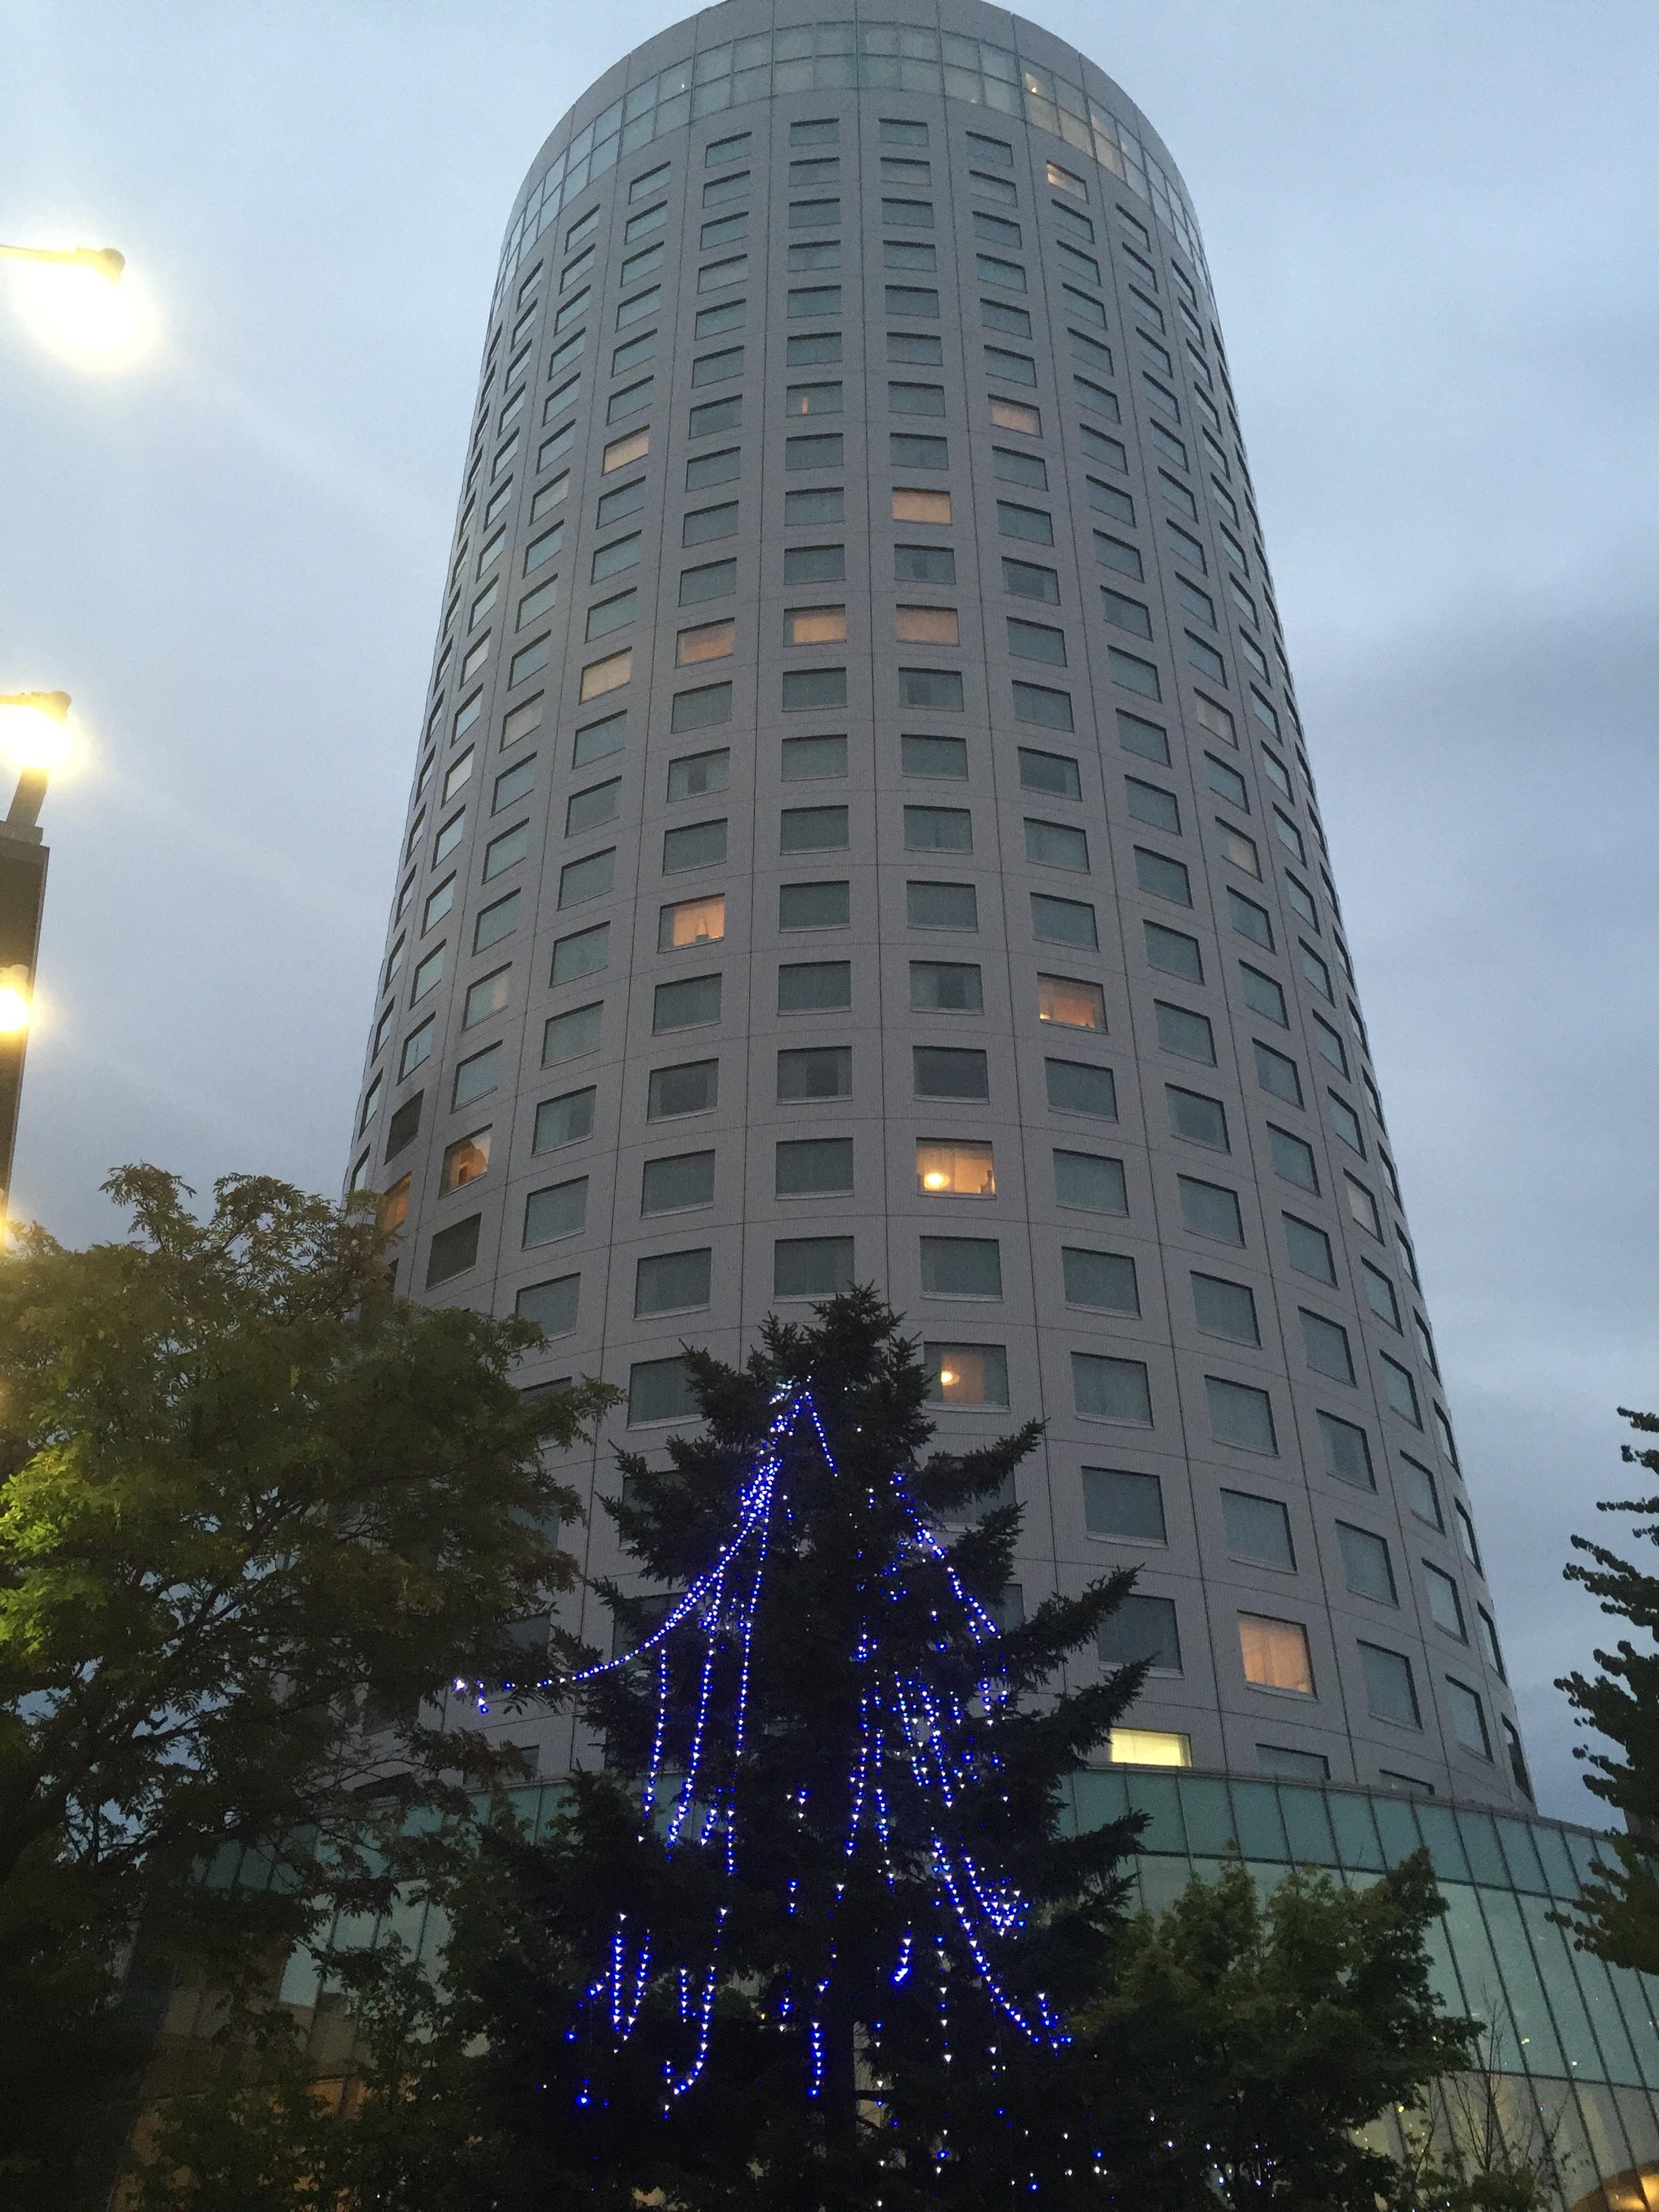 沖縄のANAホテル(那覇)はプールもあって家族連れで泊まるにはいい感じ